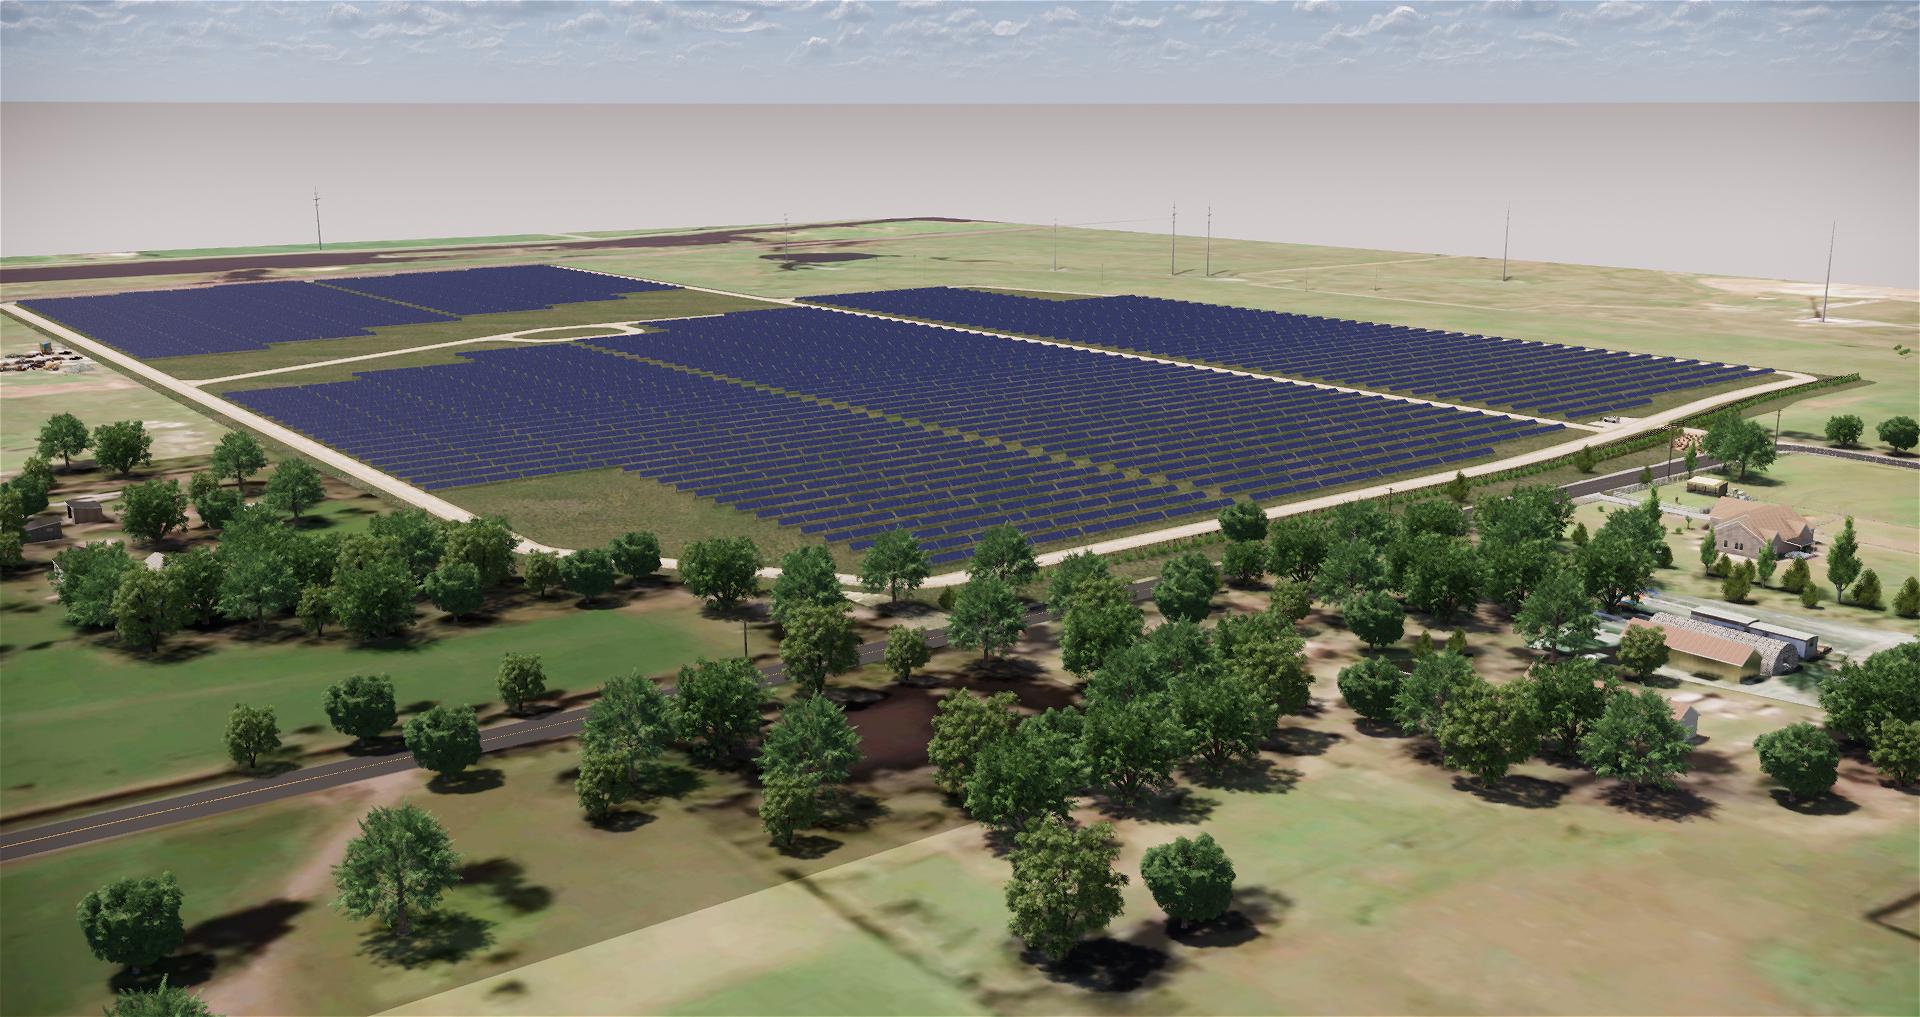 Elverta-Solar-Farm-3-ID-1008533-1